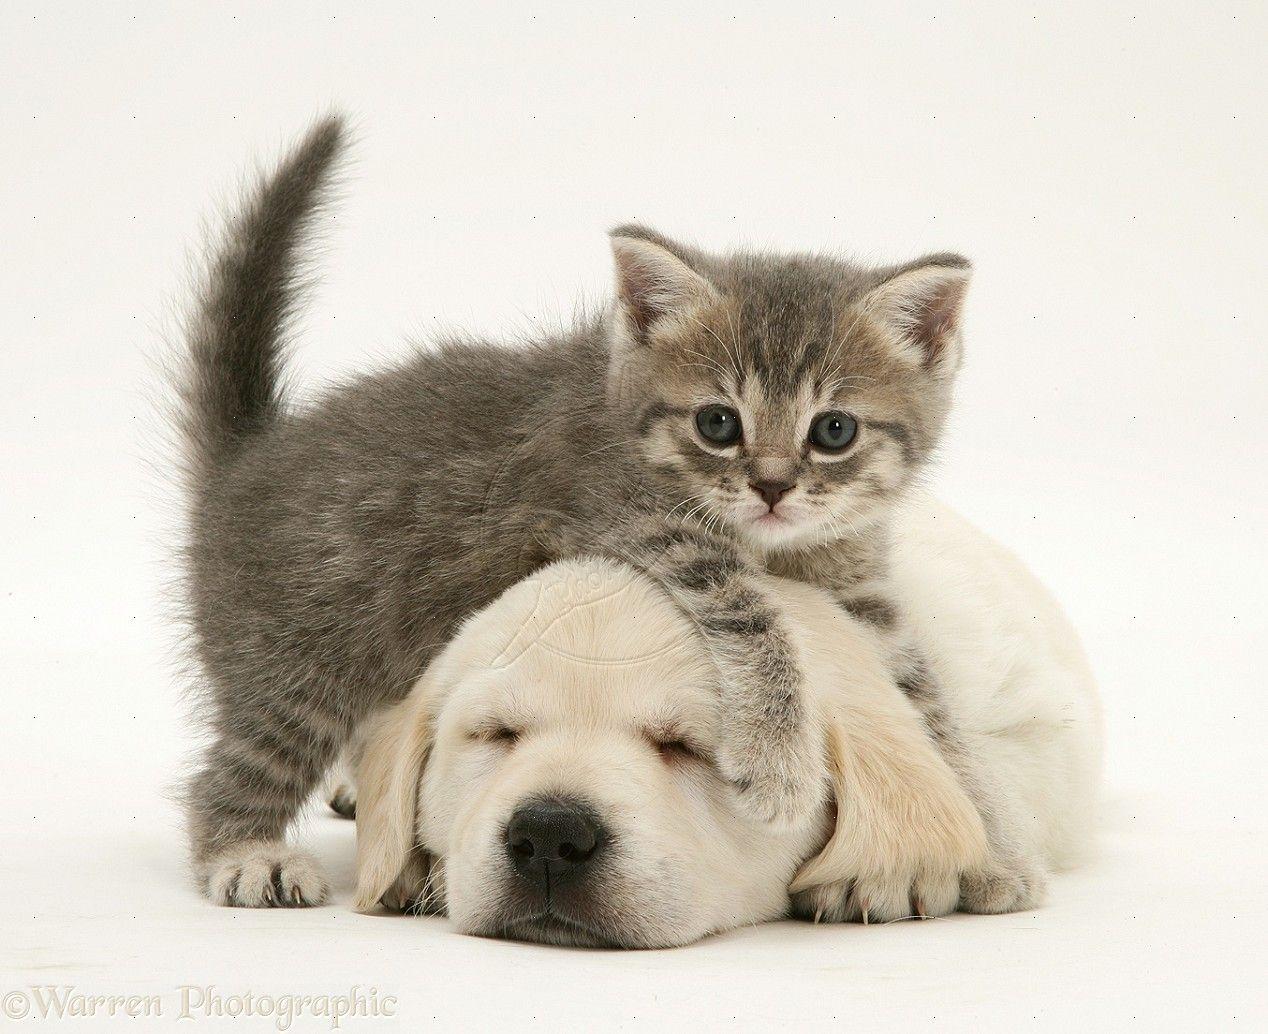 Happy Kitten Morning Cute kittens a Free eBooks